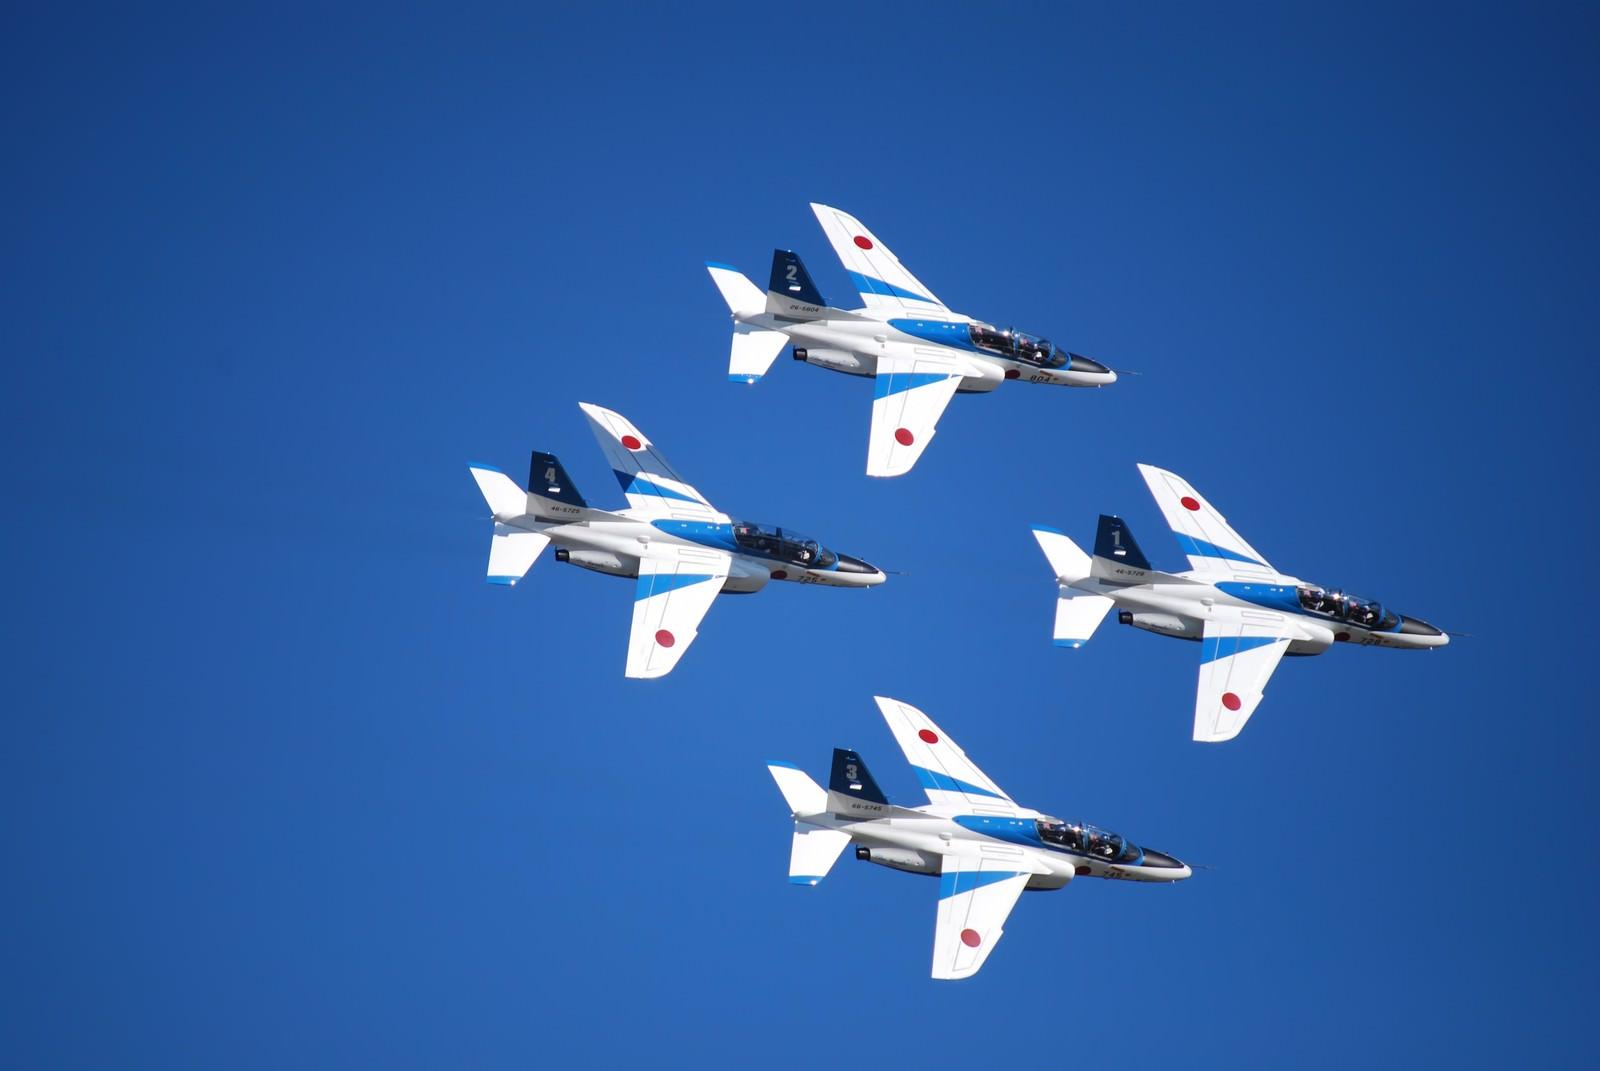 「ブルーインパルス(T-4)トレーニング機」の写真